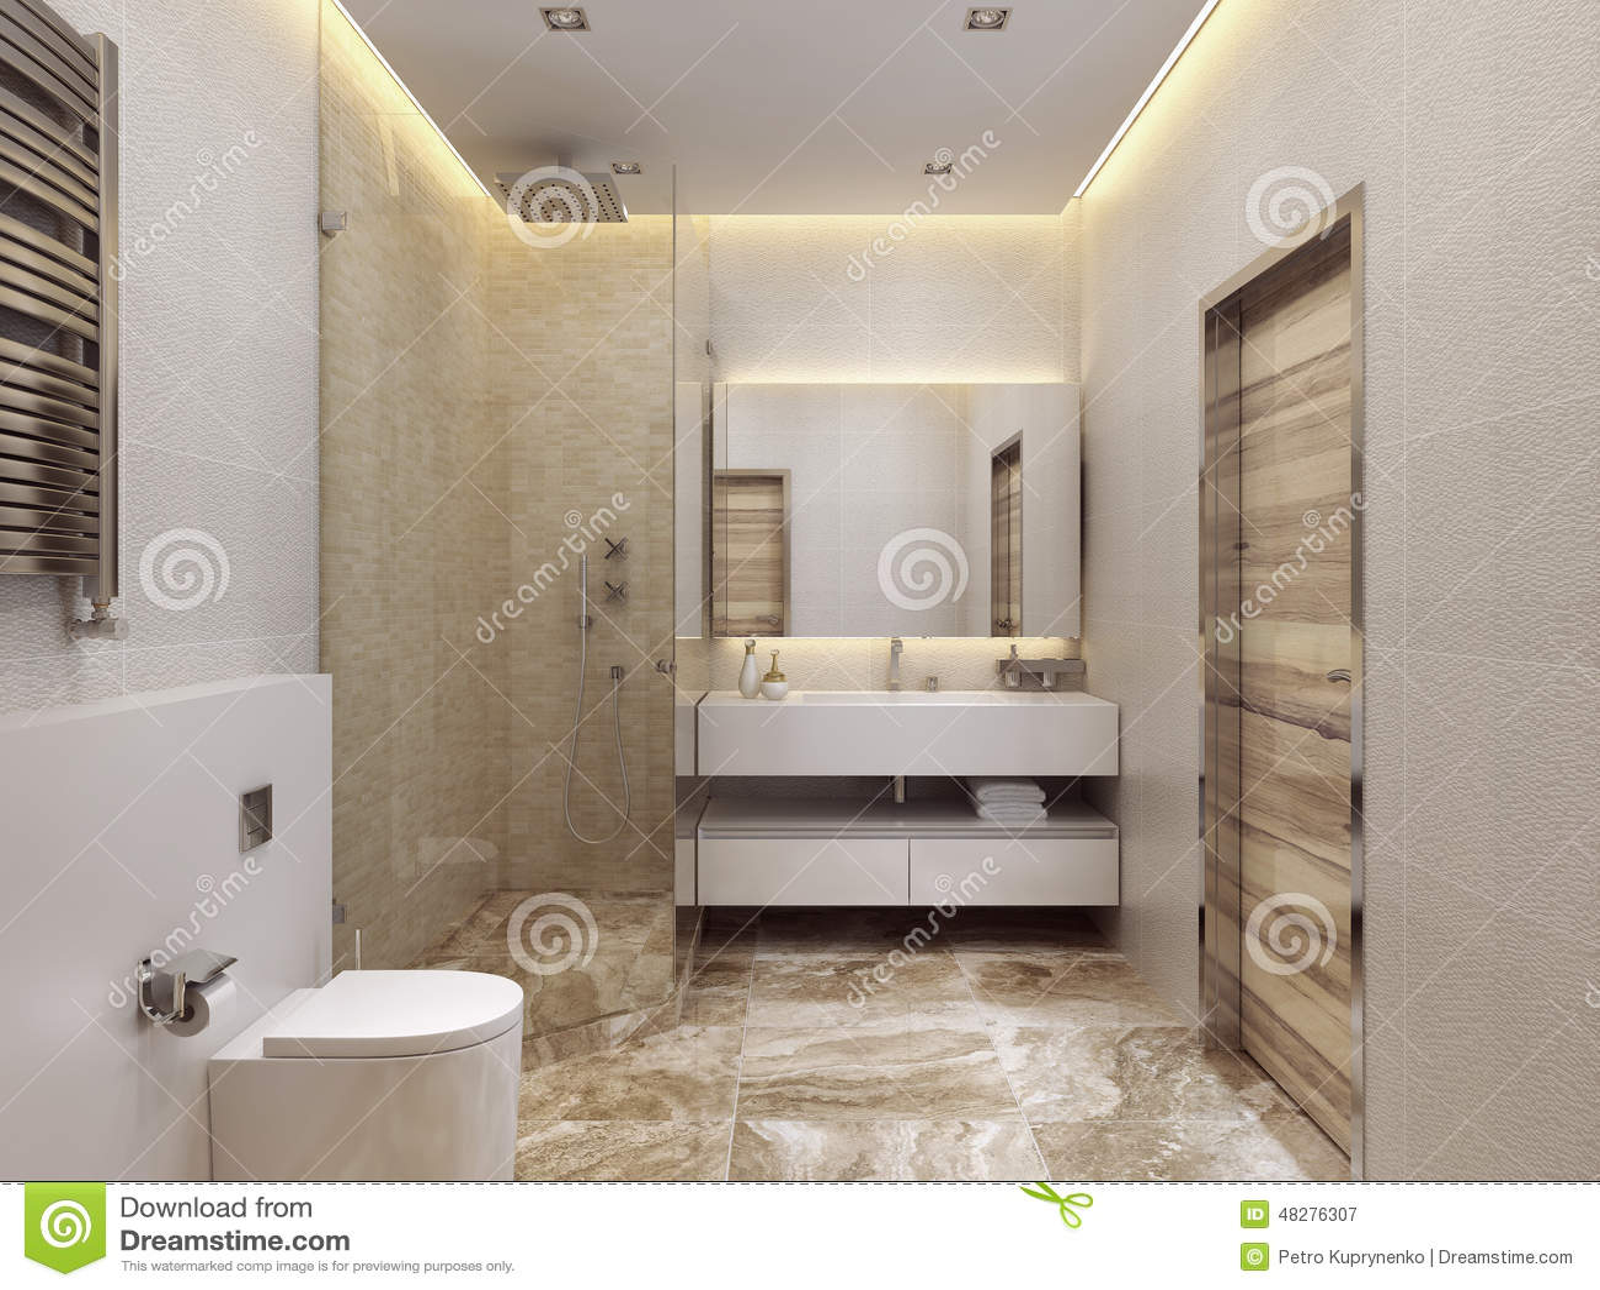 Stile contemporaneo del bagno illustrazione di stock - Bagno contemporaneo ...